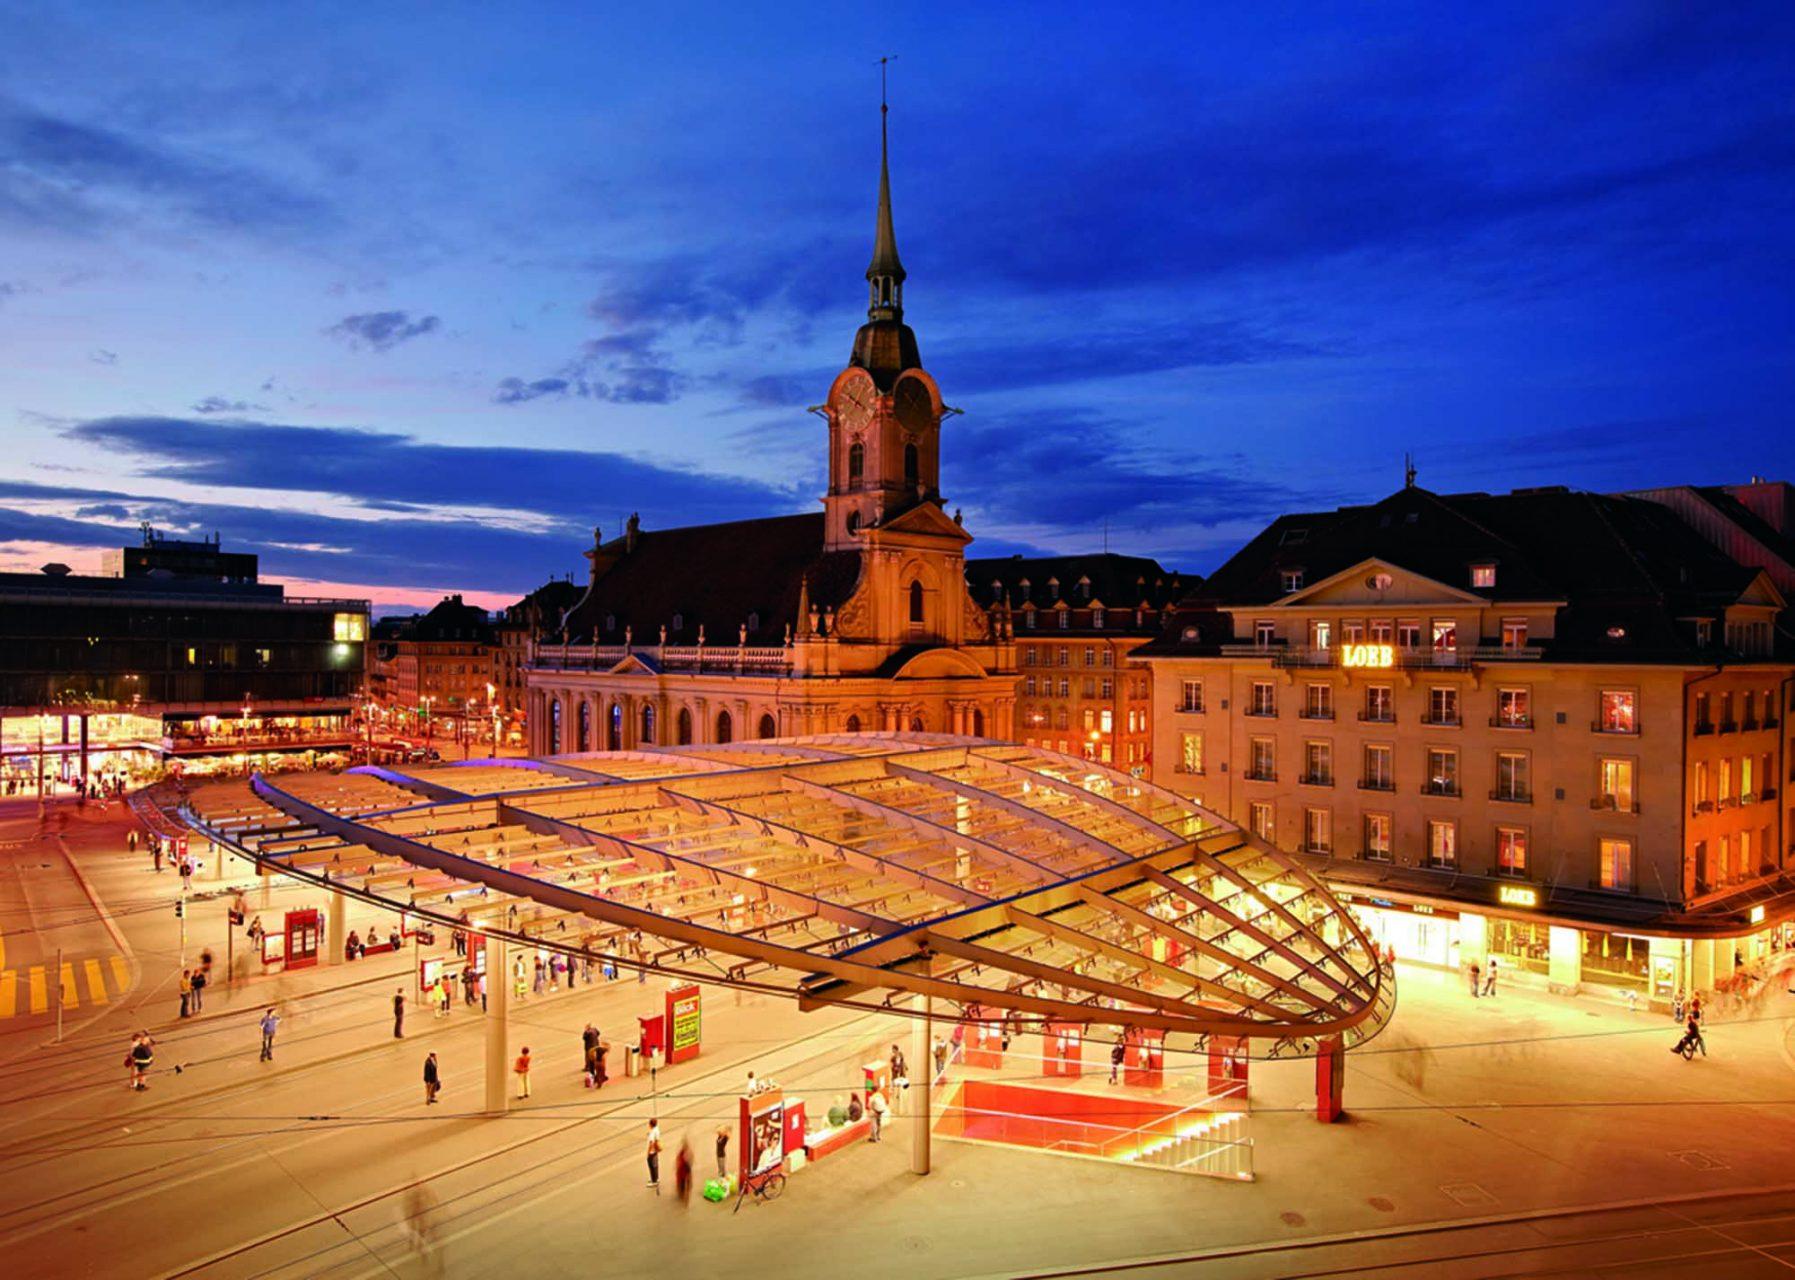 """Gläsern. Projekt """"Neuer Bahnhofsplatz Bern"""": geplant von marchwell Zürich, BSR Architekten Bern und Atelier 5 Bern. Ingenieur: Walt + Galmarini AG Zürich. 2009 wurde der Baldachin mit Schweizer Stahlbaupreis Prix Acier ausgezeichnet."""